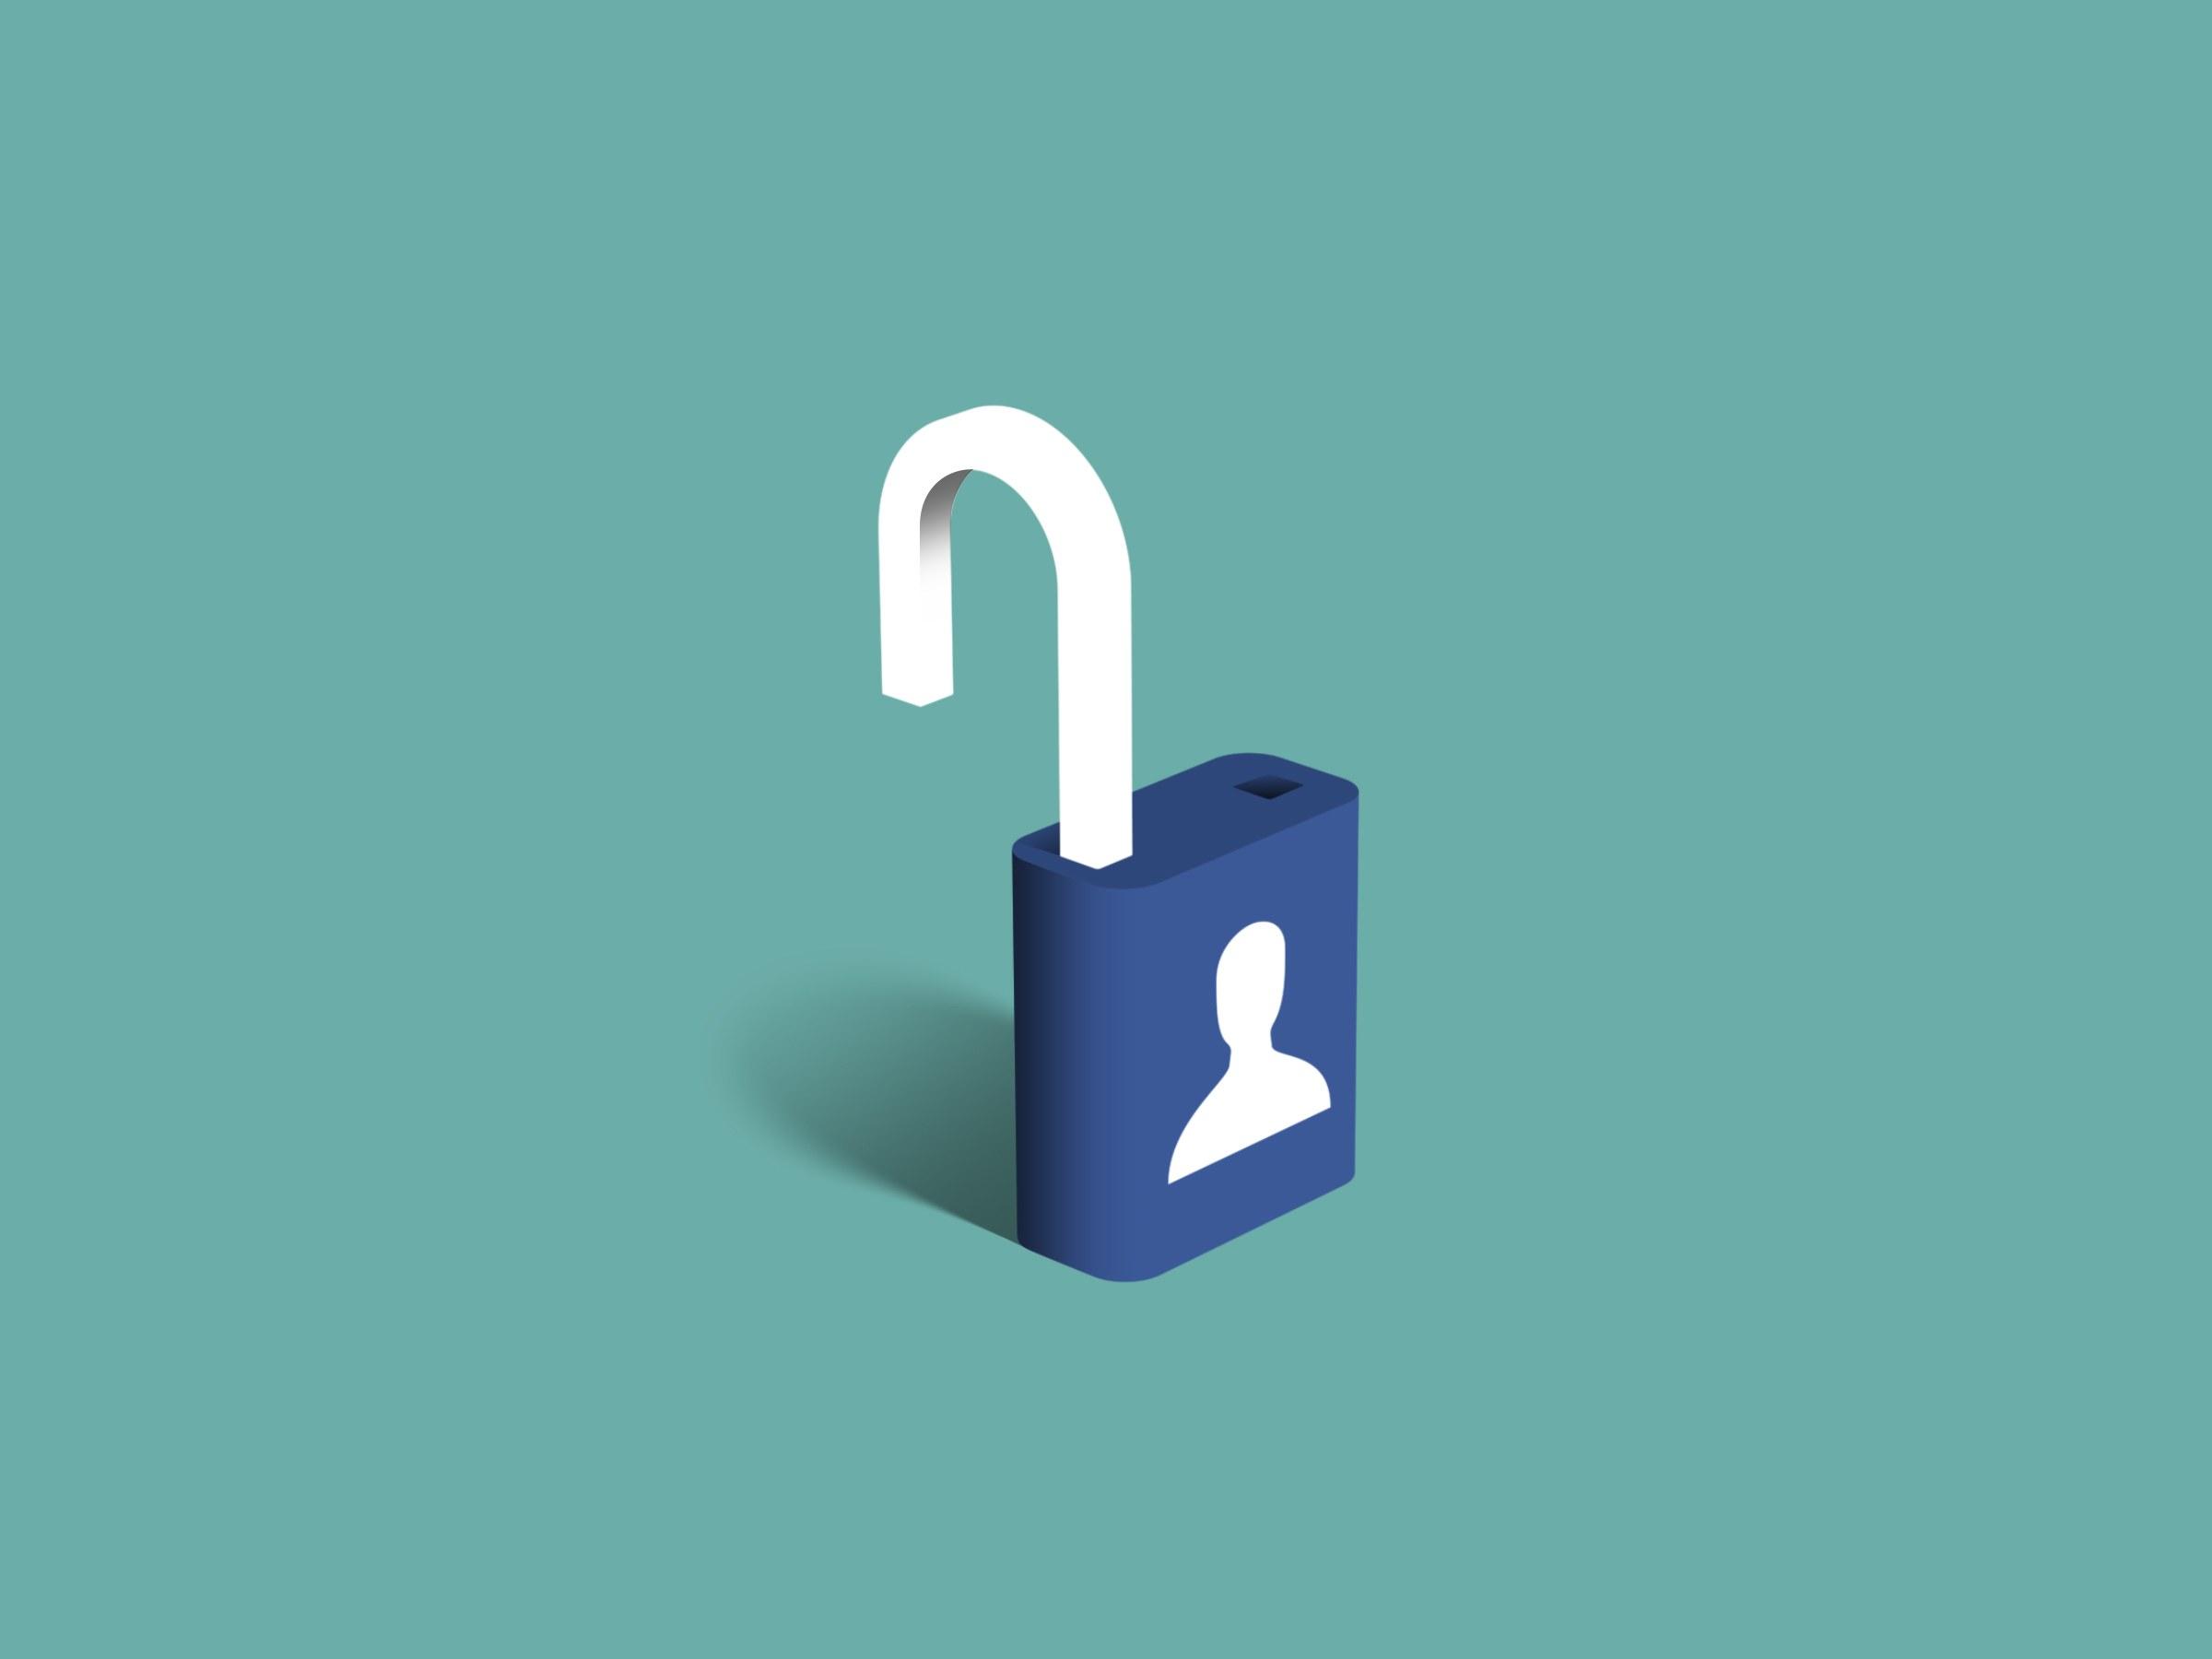 Yüz Milyonlarca Facebook Kullanıcısının Telefon Numaraları, Şifresiz Bir Sunucuda Tutuluyormuş